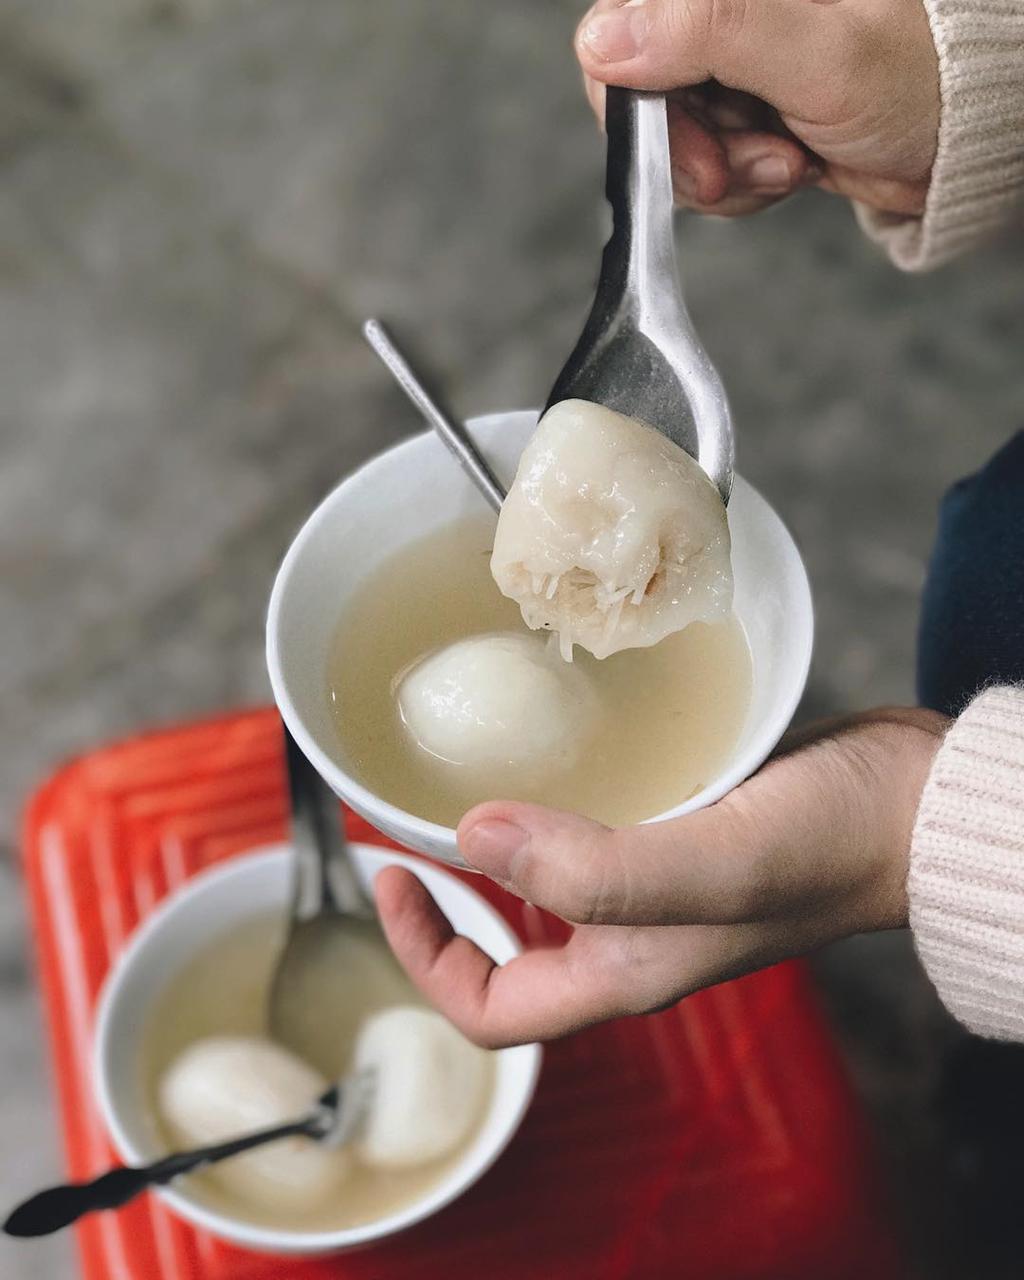 Lên lịch quẩy tour ẩm thực quanh Hà Nội đón ngày gió mùa - Hình 1